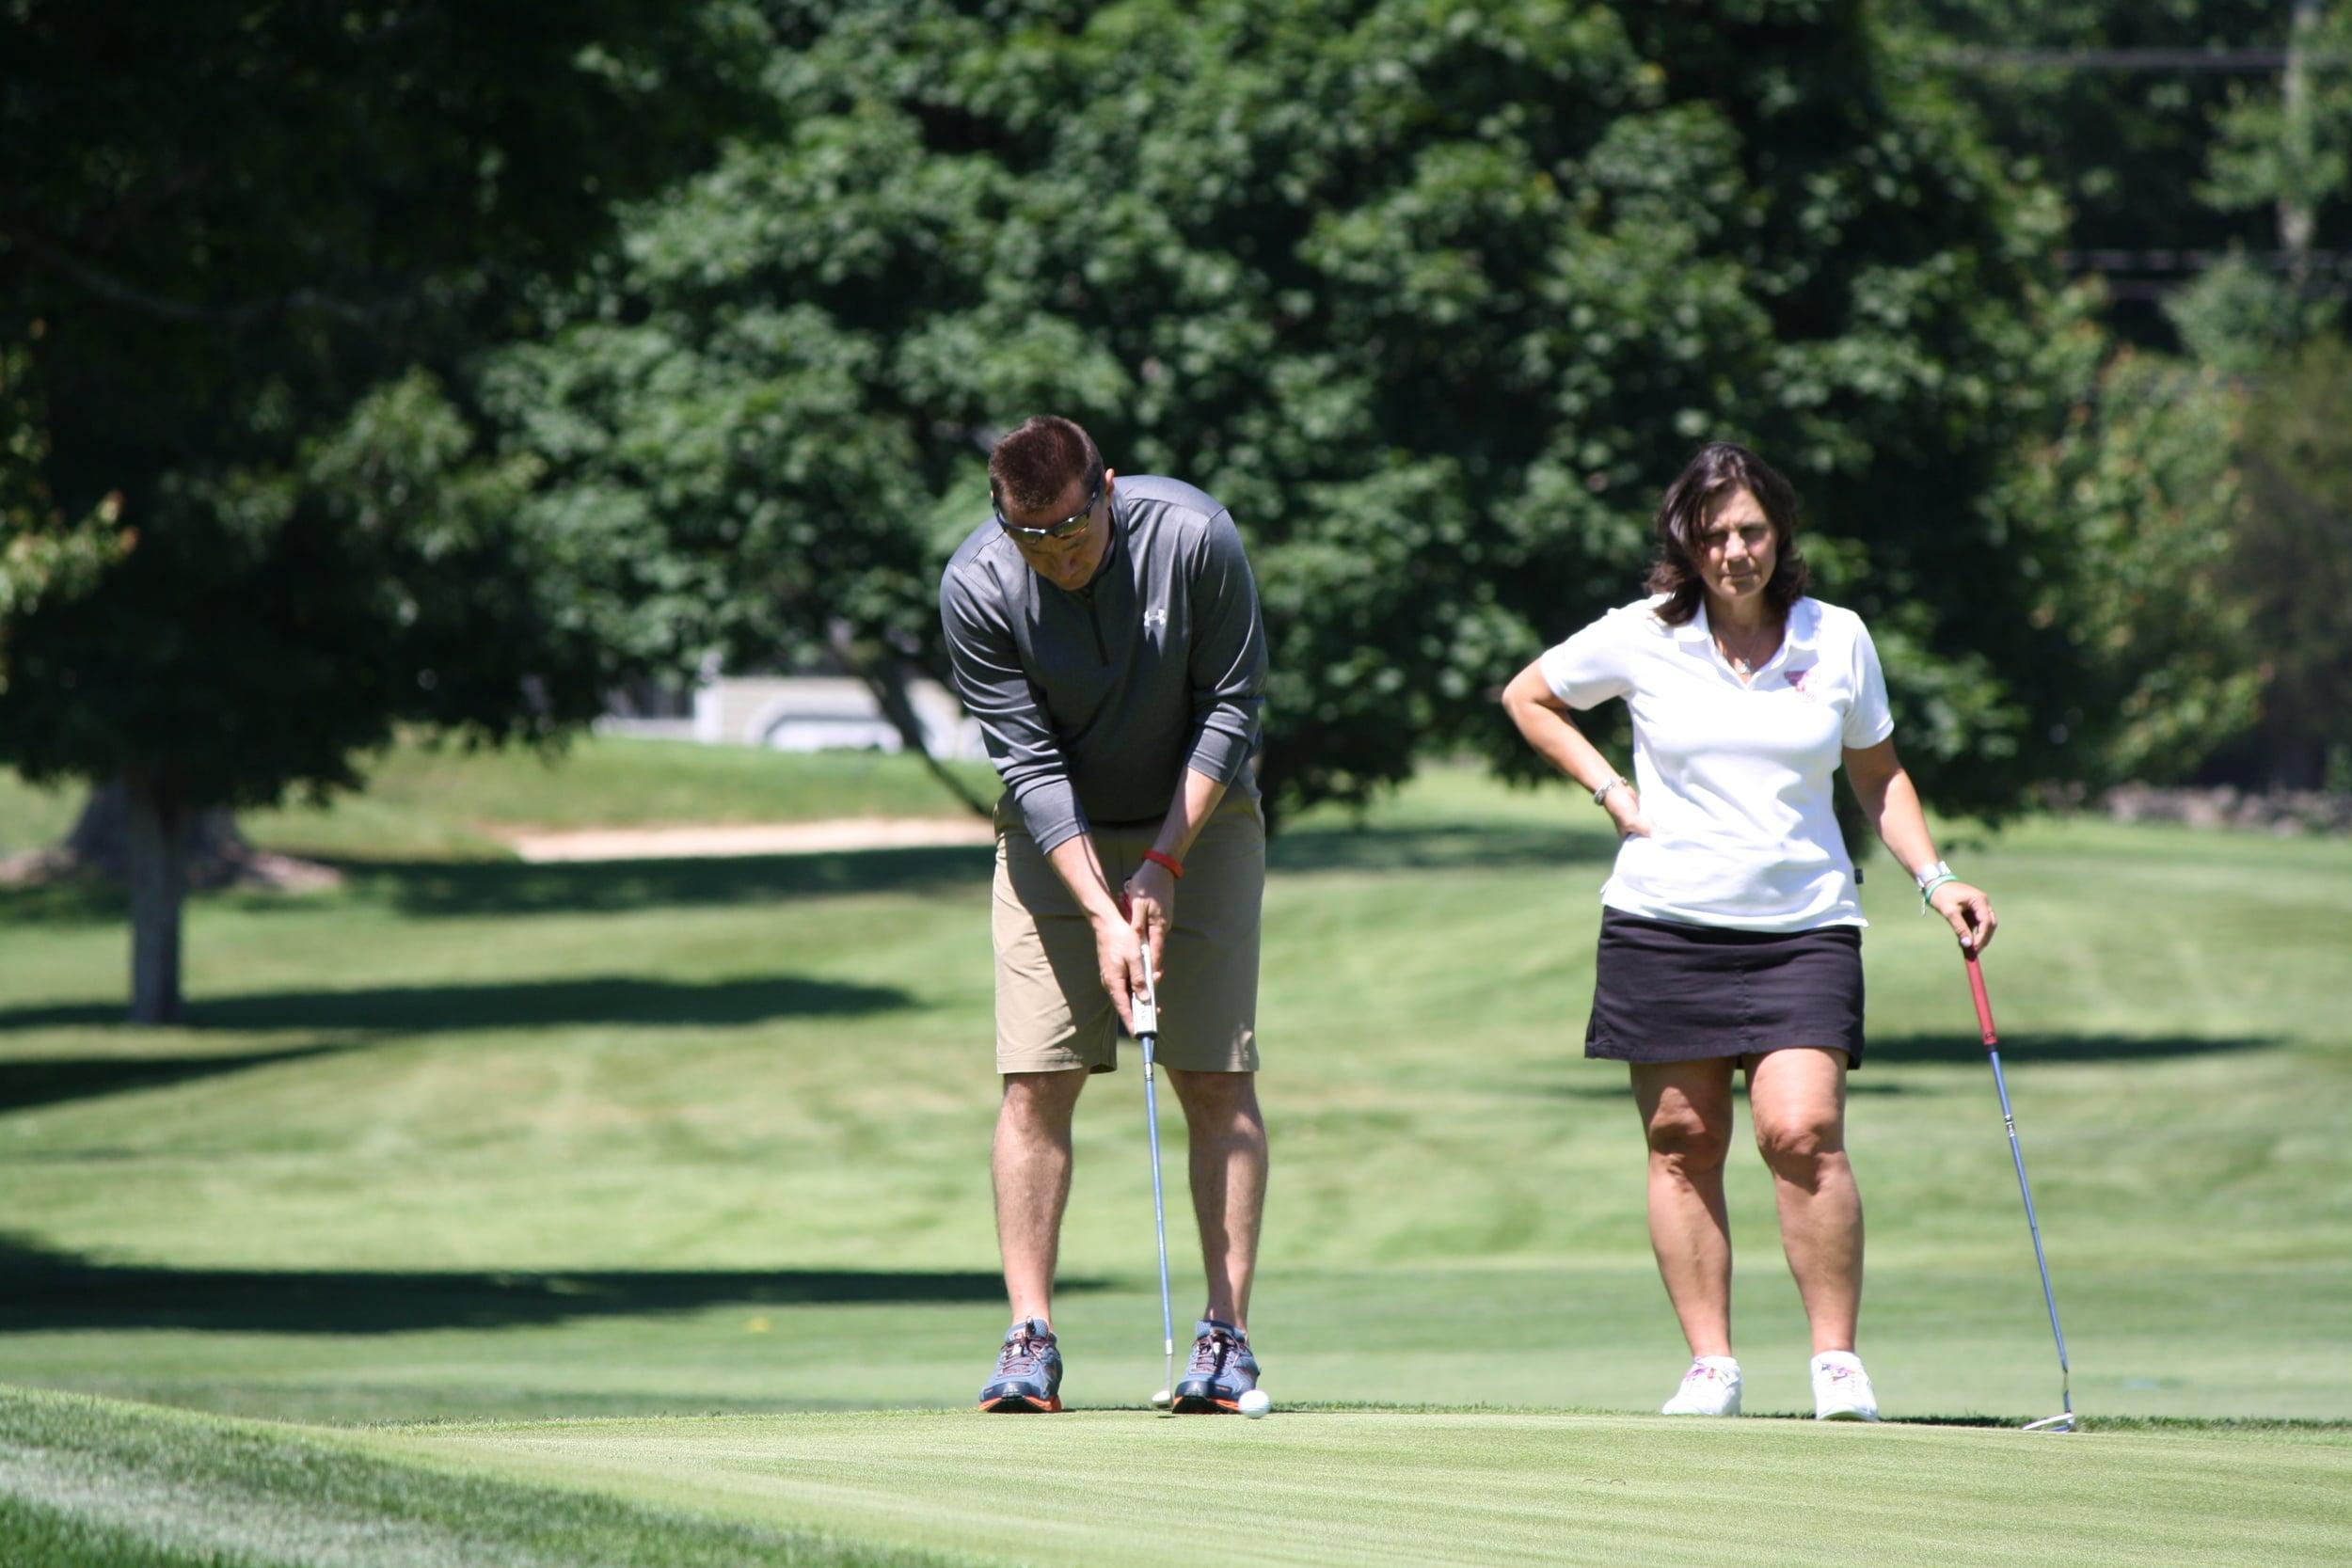 061614 rrcc golf julie savino team 5379.JPG